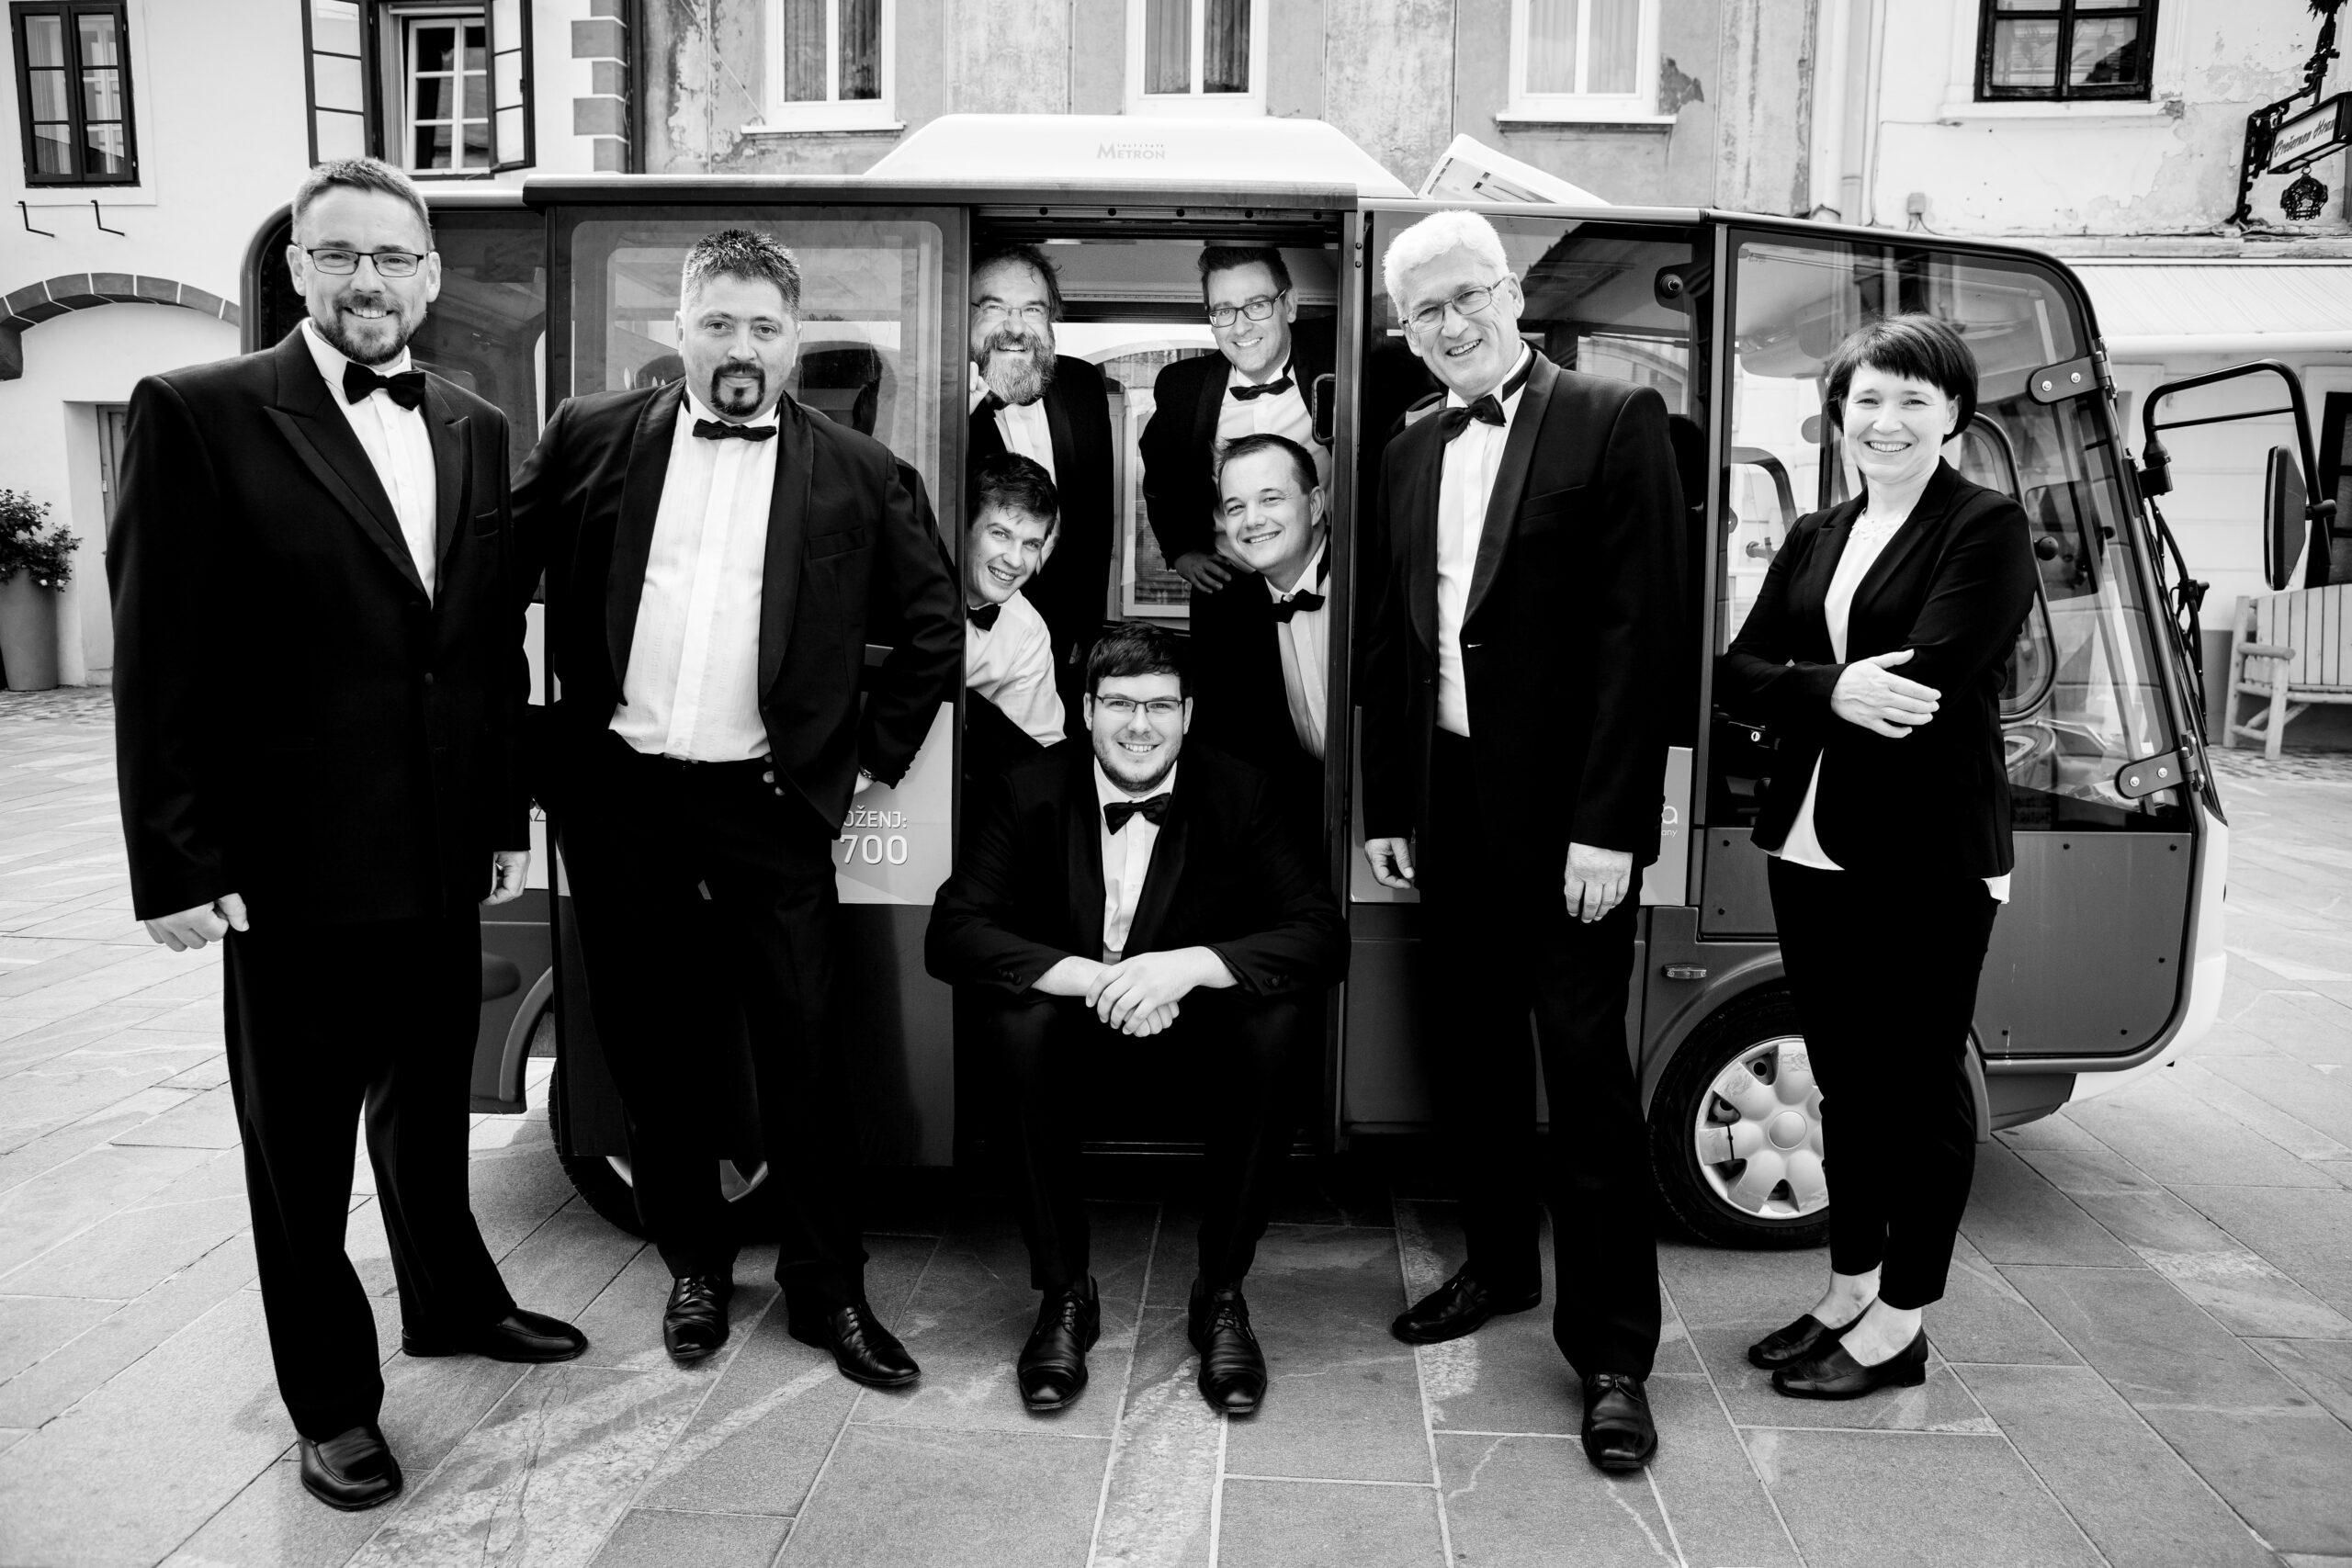 Luka Dakskobler, Slovenia: The Kranj-Based Octet Begins the Season 2019, Gorenjski oktet, Slovenia - The conductor takes the cavaliers through musical landscapes.